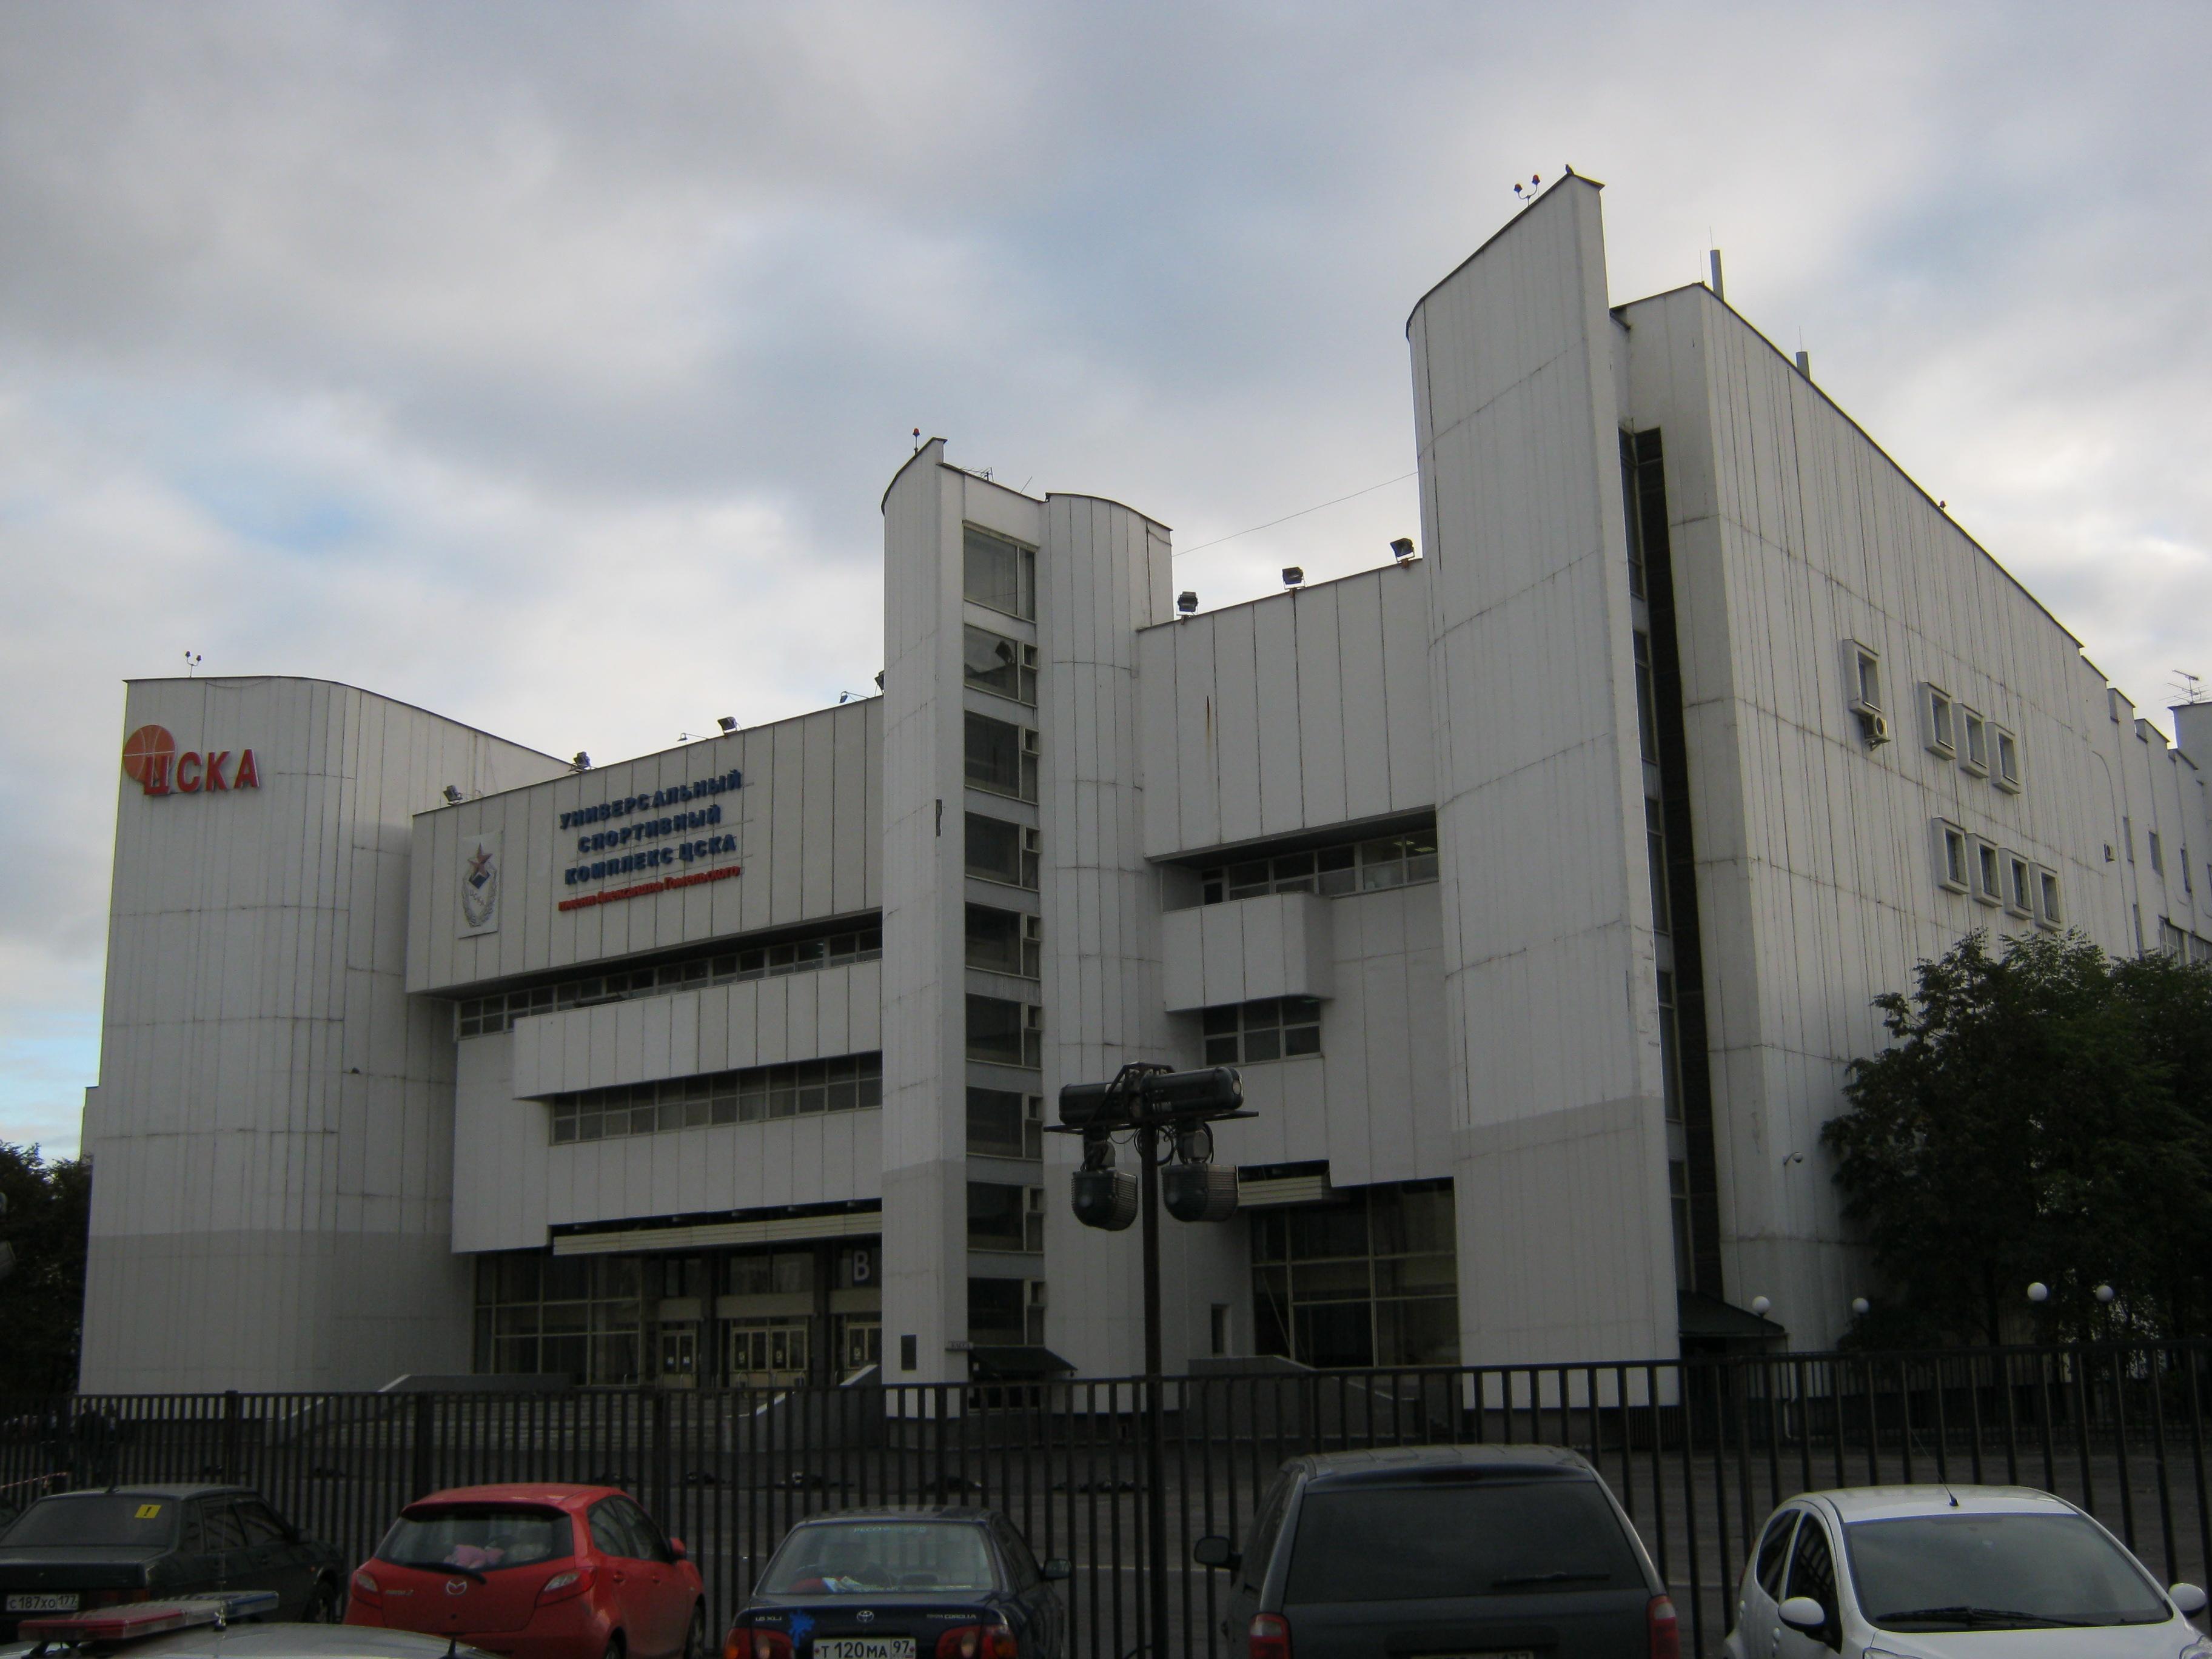 Универсал клуб в москве изюм пенза клуб ночной фото